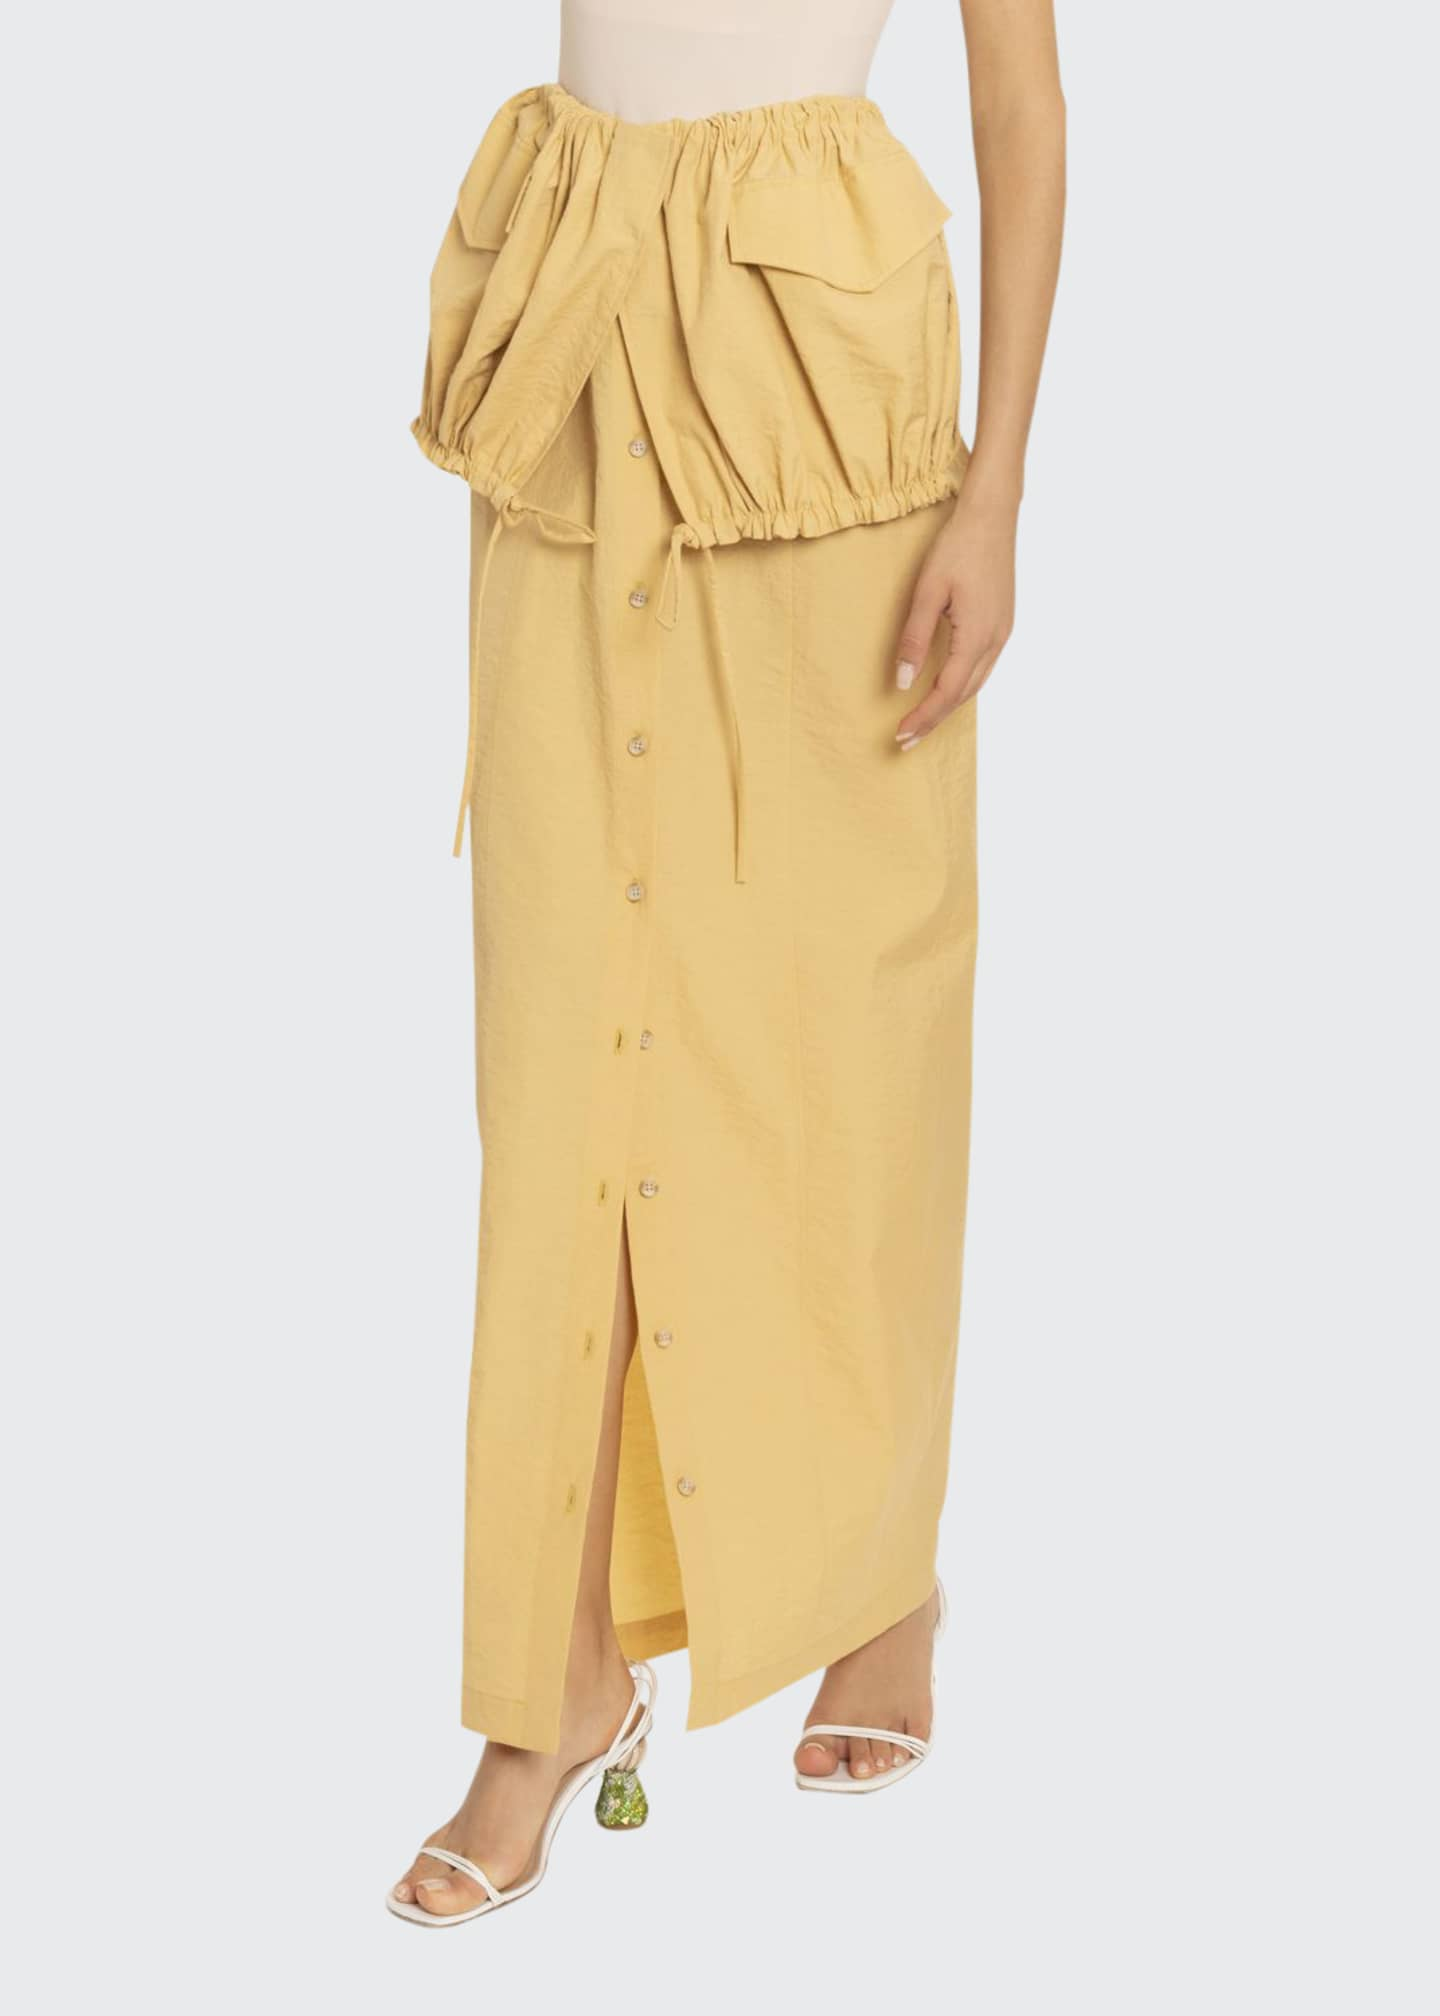 Jacquemus La Cueillette Maxi Skirt